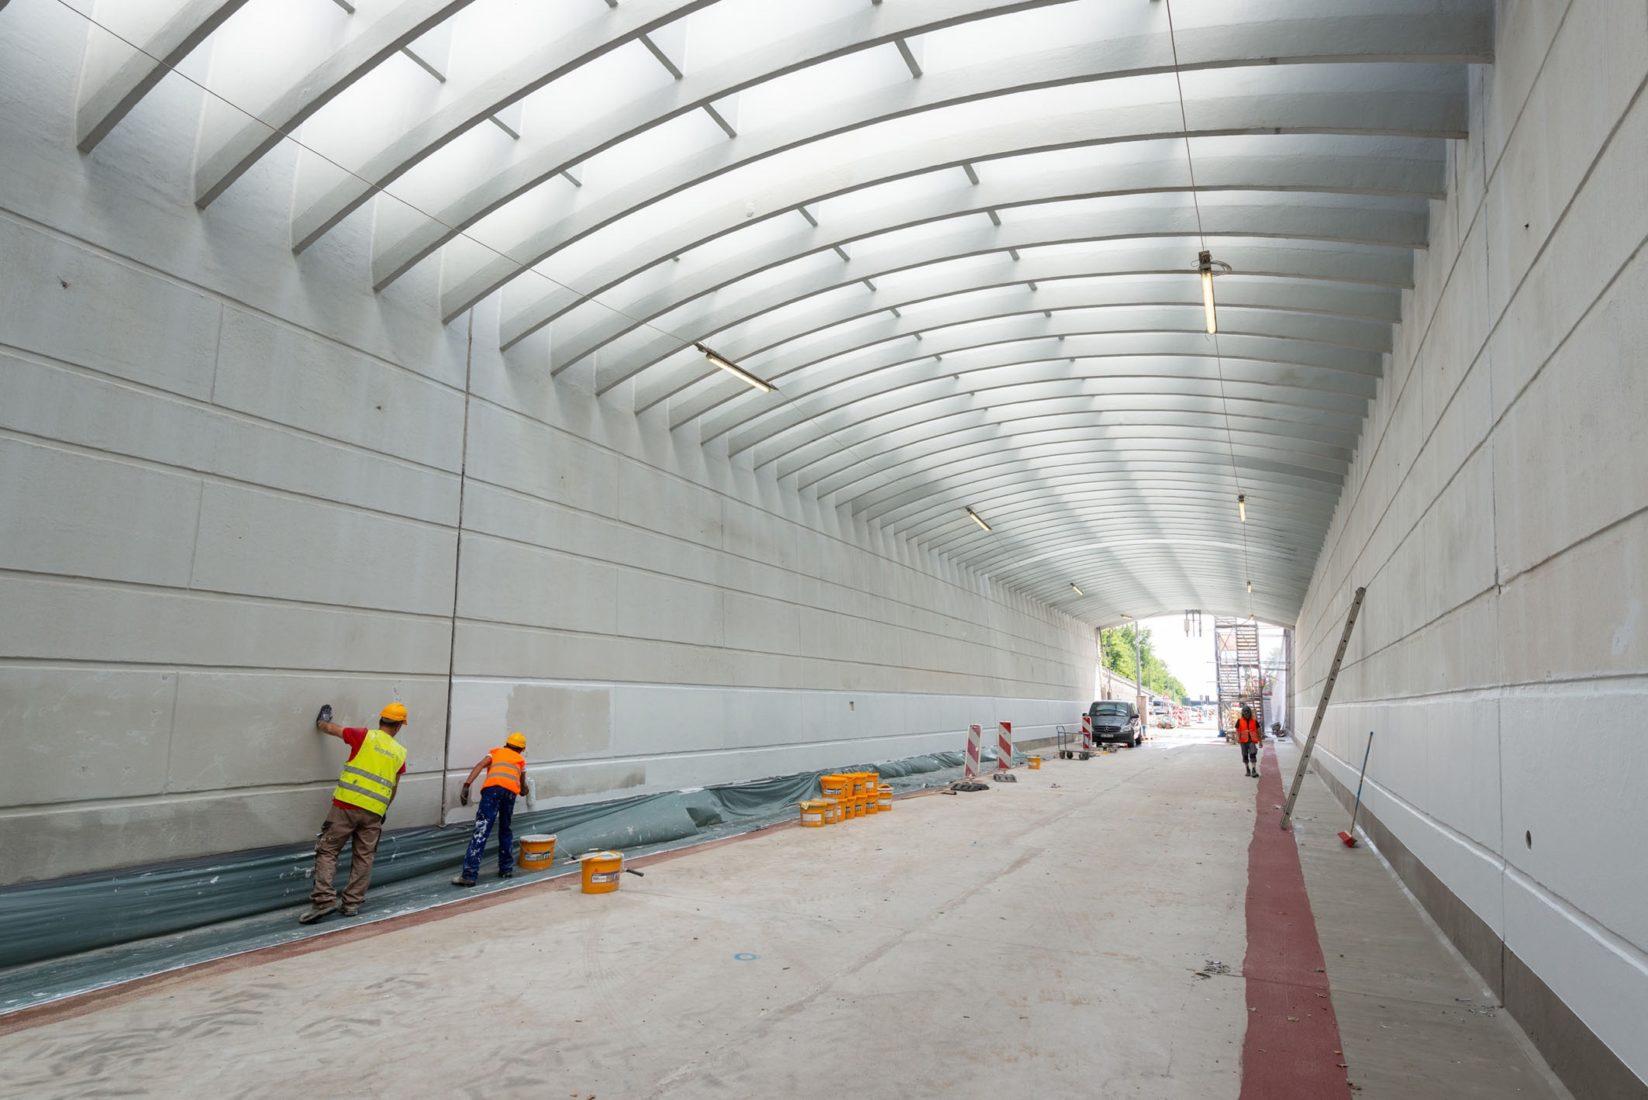 Der sanierte Rendsburger Kanaltunnel hat einen kathodischen Korrosionsschutz erhalten. Alle Fotos: Sika Deutschland GmbH